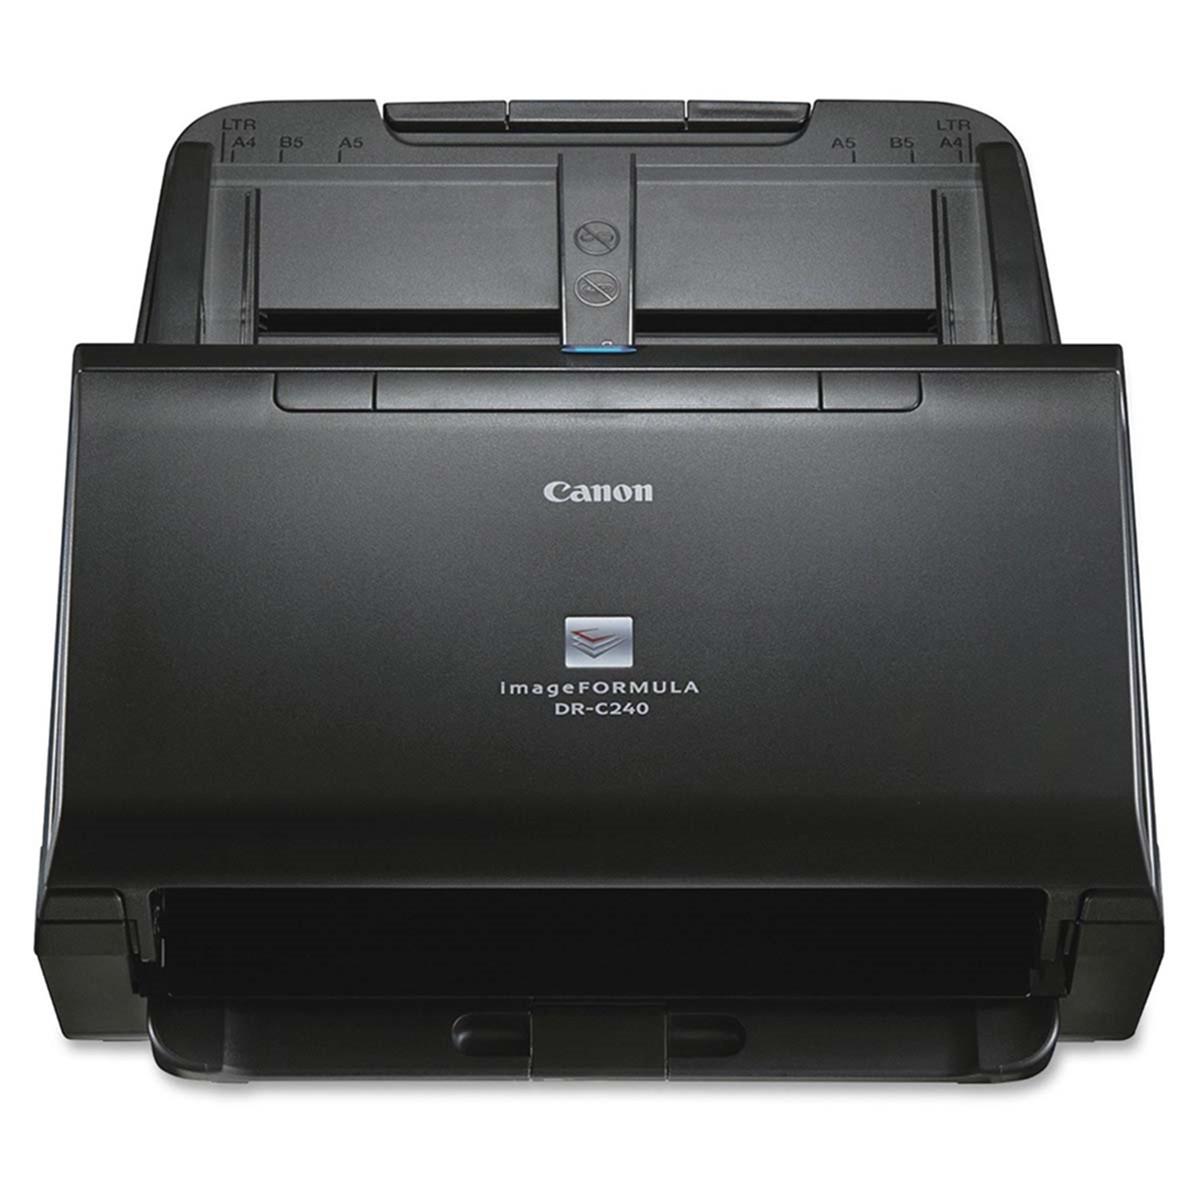 Scanner Canon imageFORMULA DR-C240   Conexão USB Até Tamanho Ofício ADF para 60 Folhas com Duplex